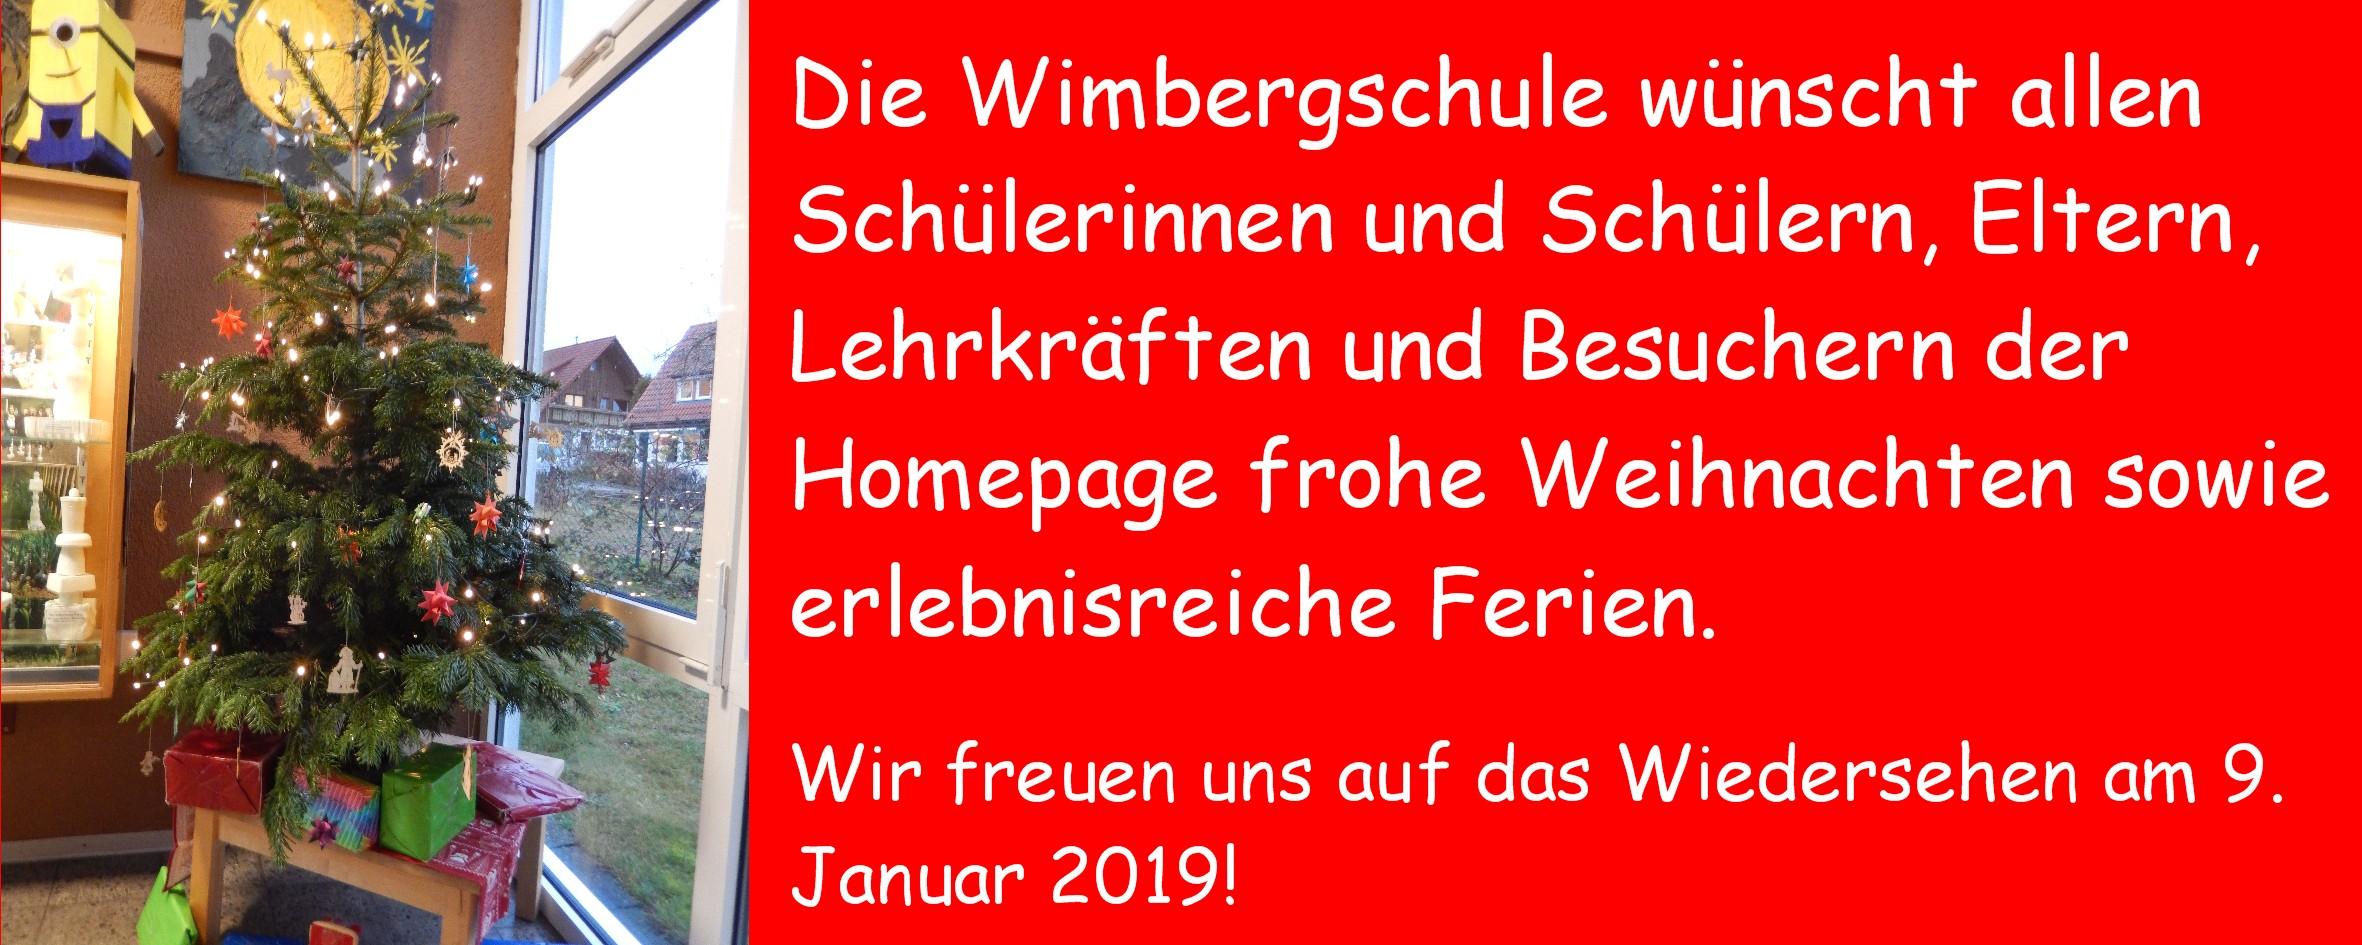 Weihnachtsgrüße An Eltern.Weihnachtsgrüße 2018 Wimbergschulewimbergschule